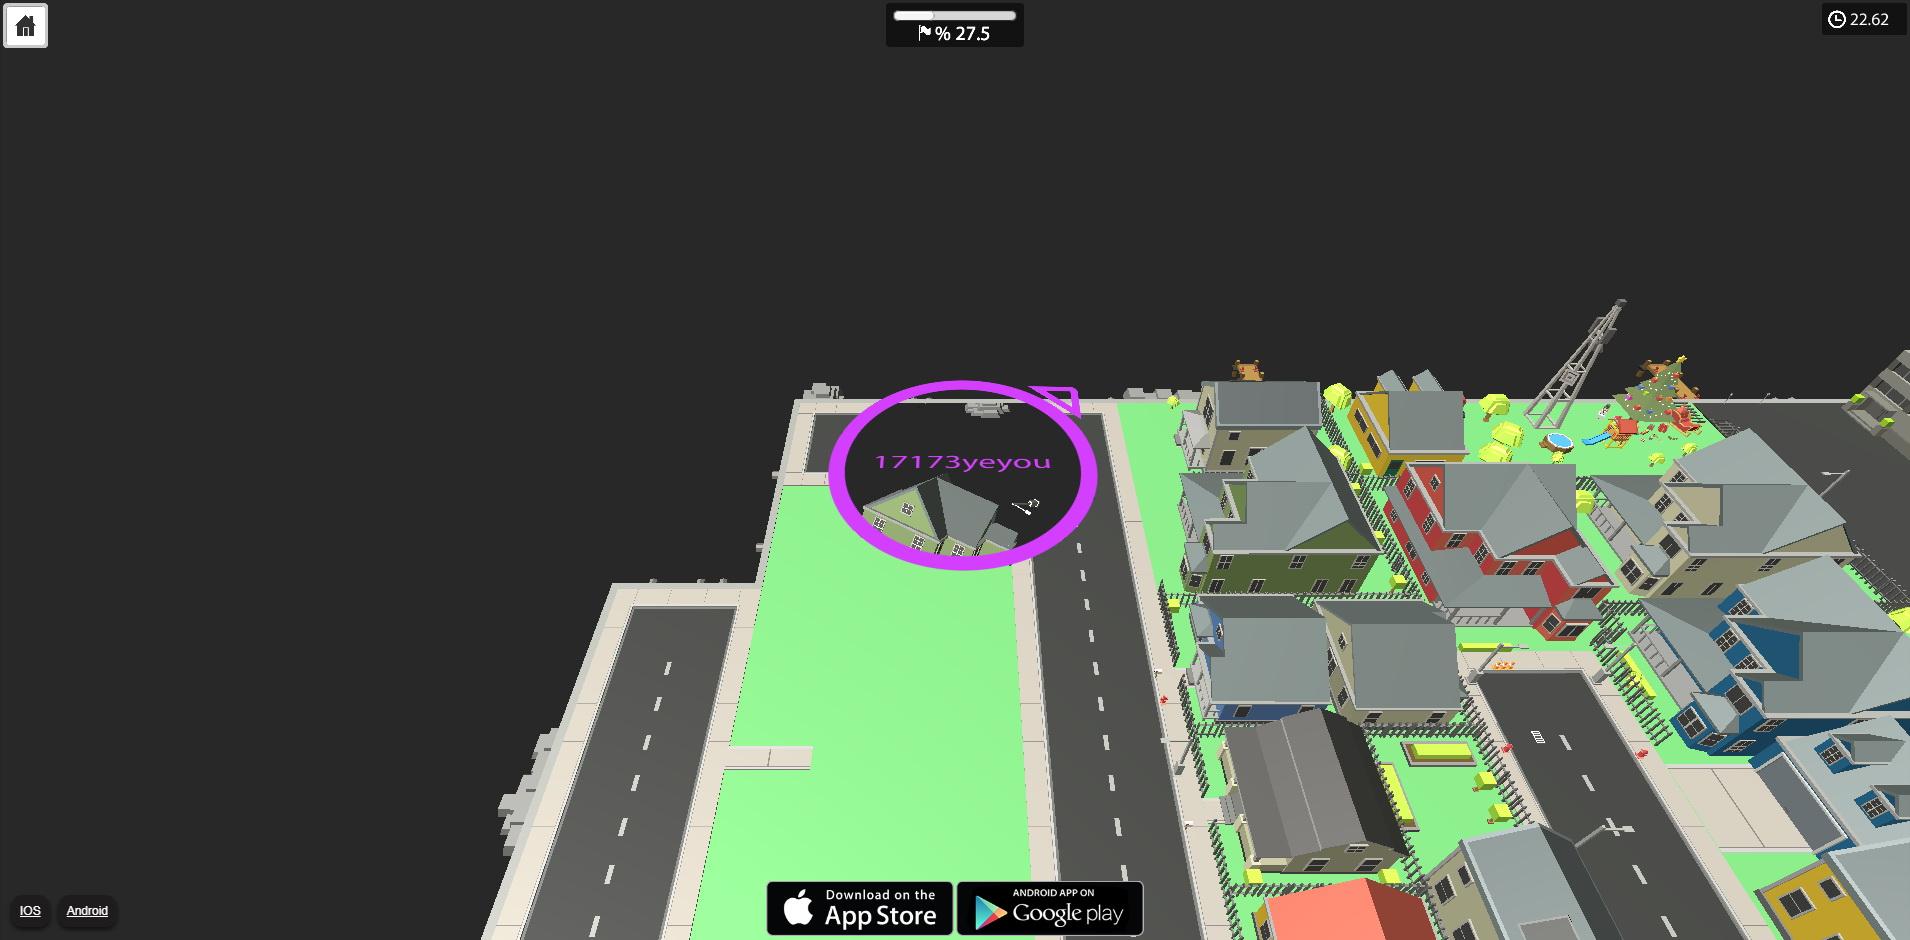 《yumy.io》游戏截图